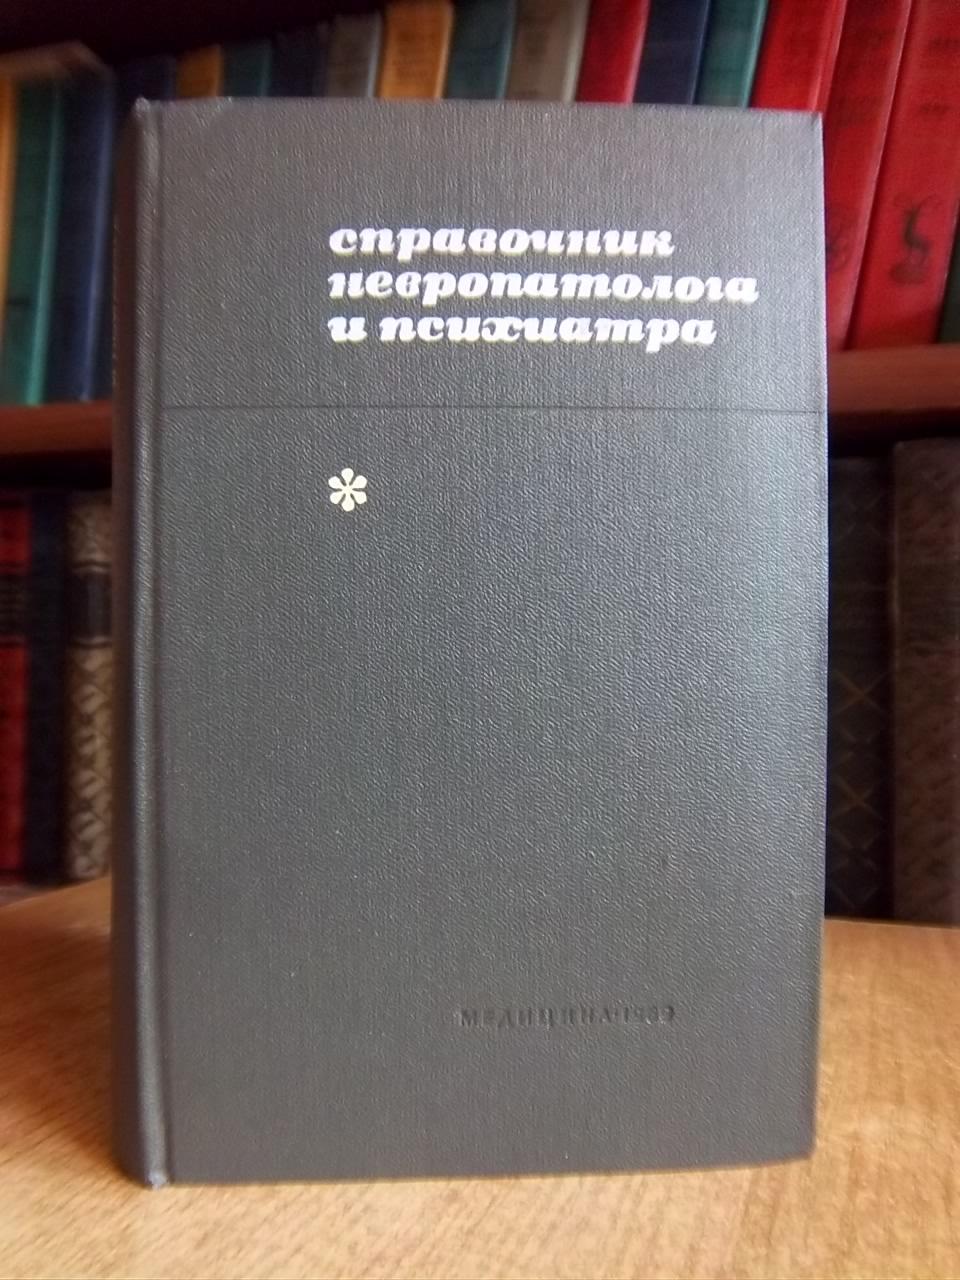 Справочник невропатолога и психиатра